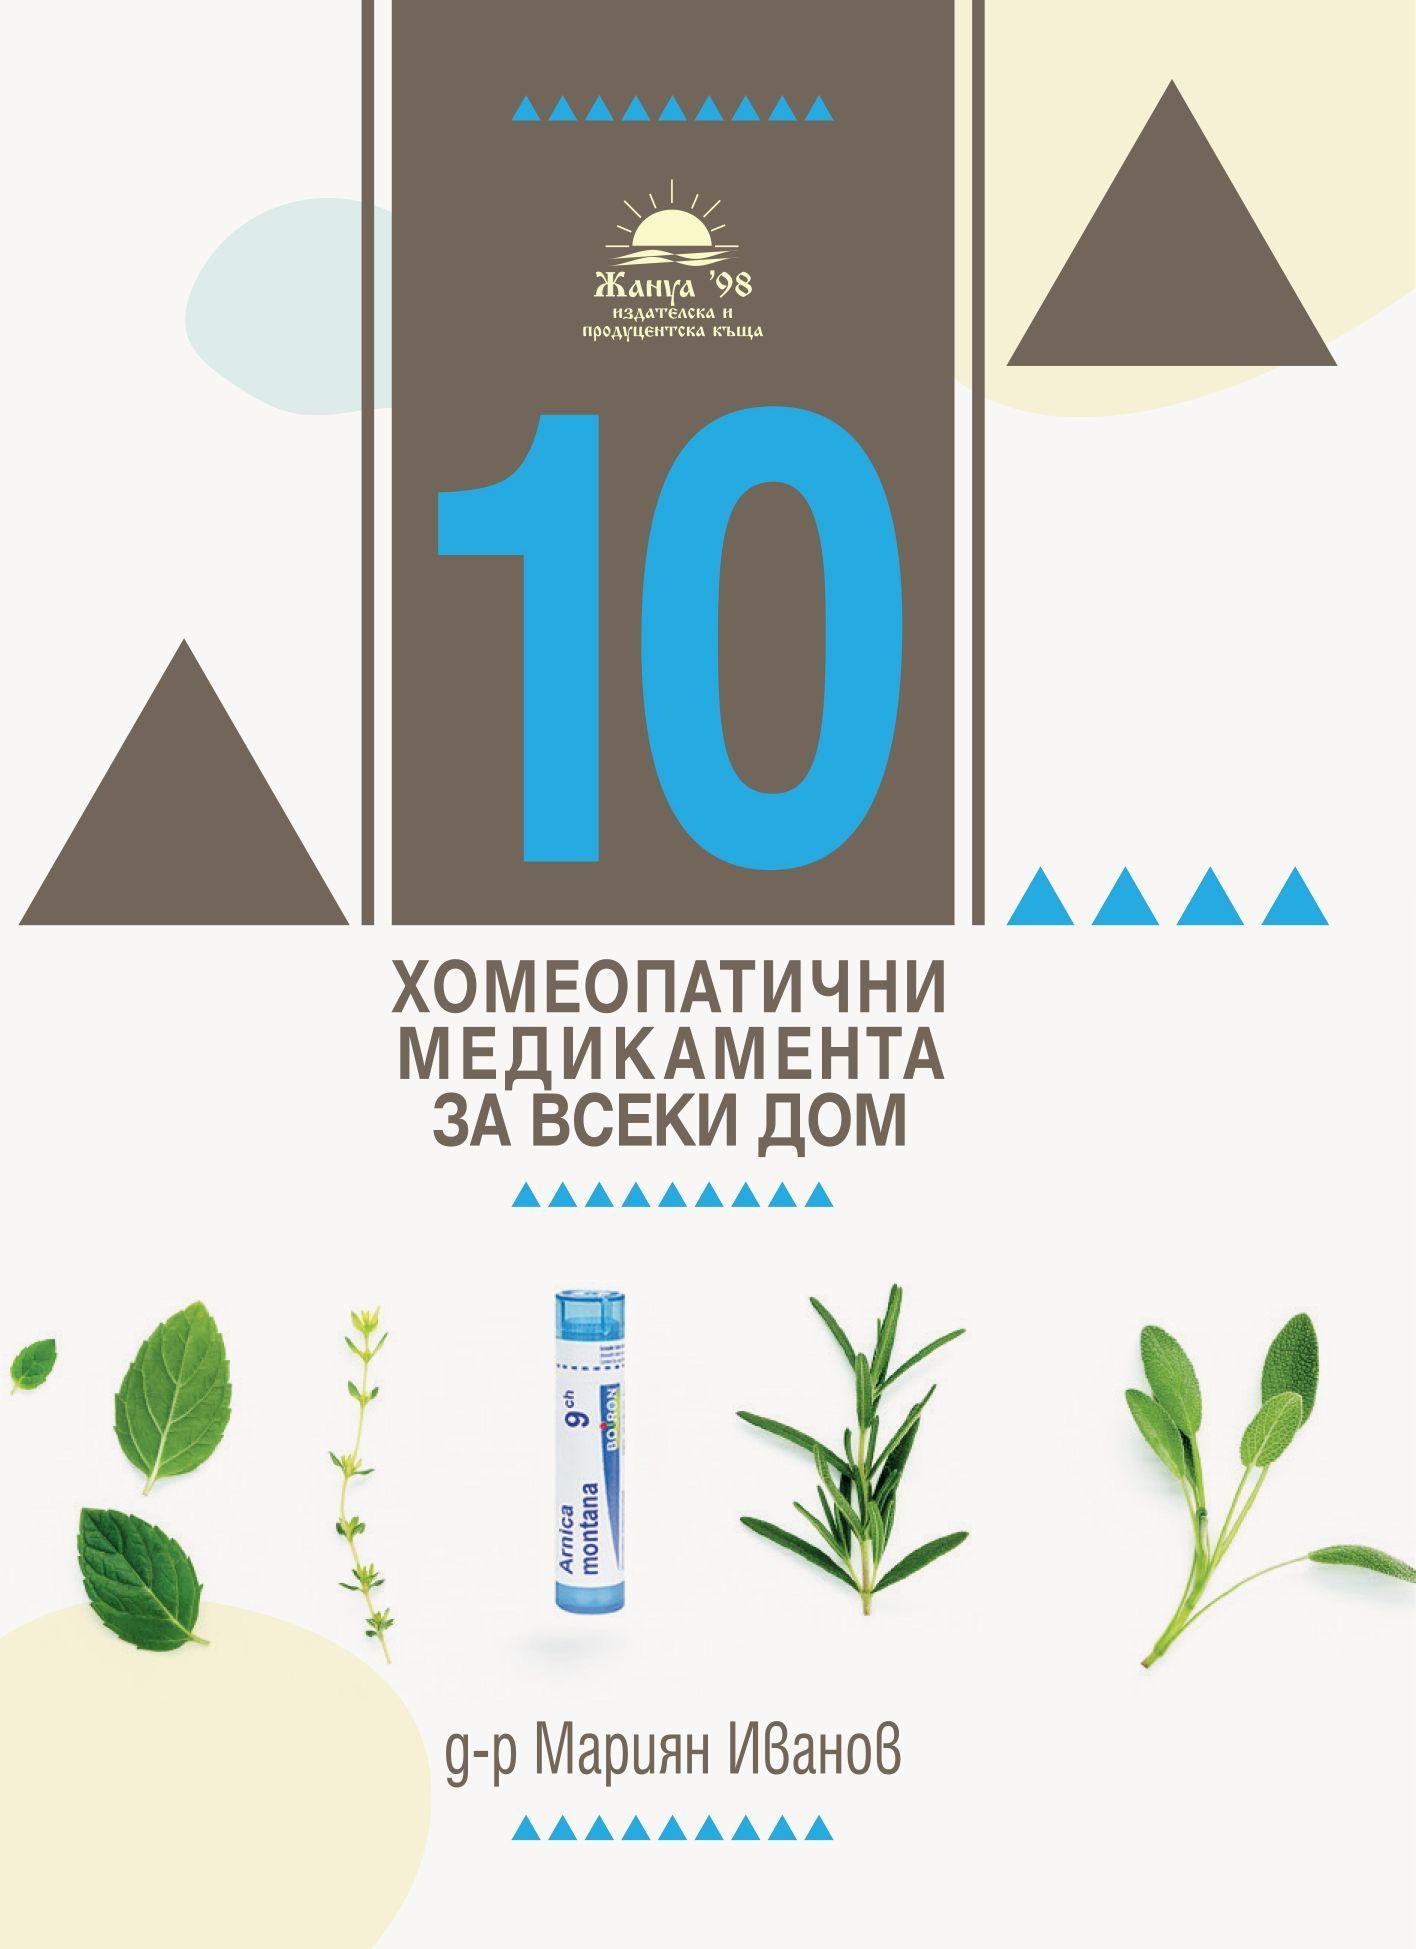 10 за всеки дом - хомеопатия и етерични масла - 1